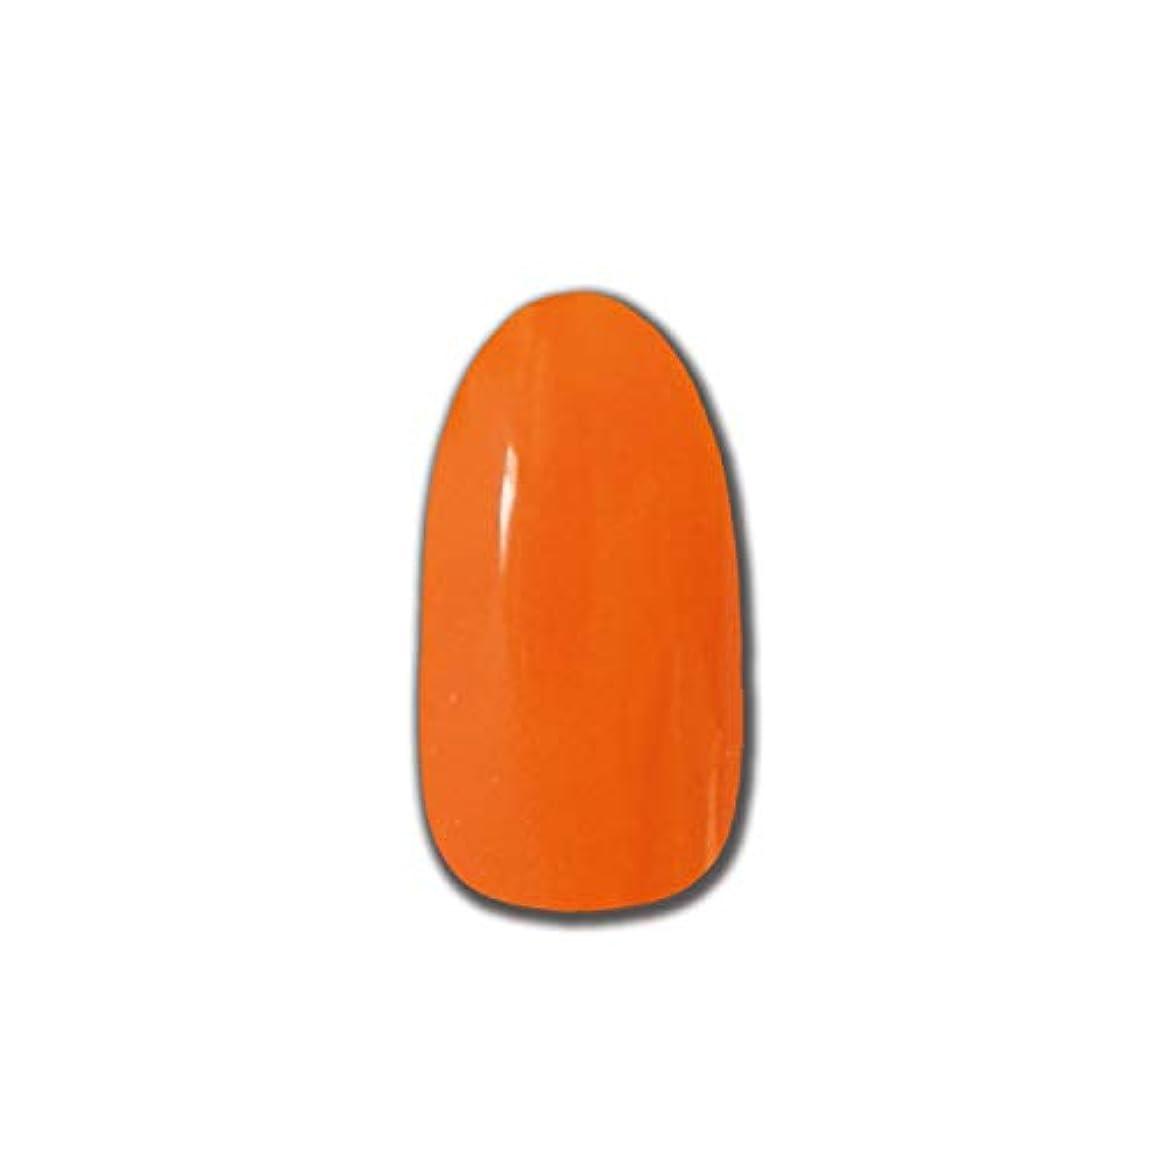 生じる前提登録するT-GEL COLLECTION カラージェル D144 オレンジ 4ml